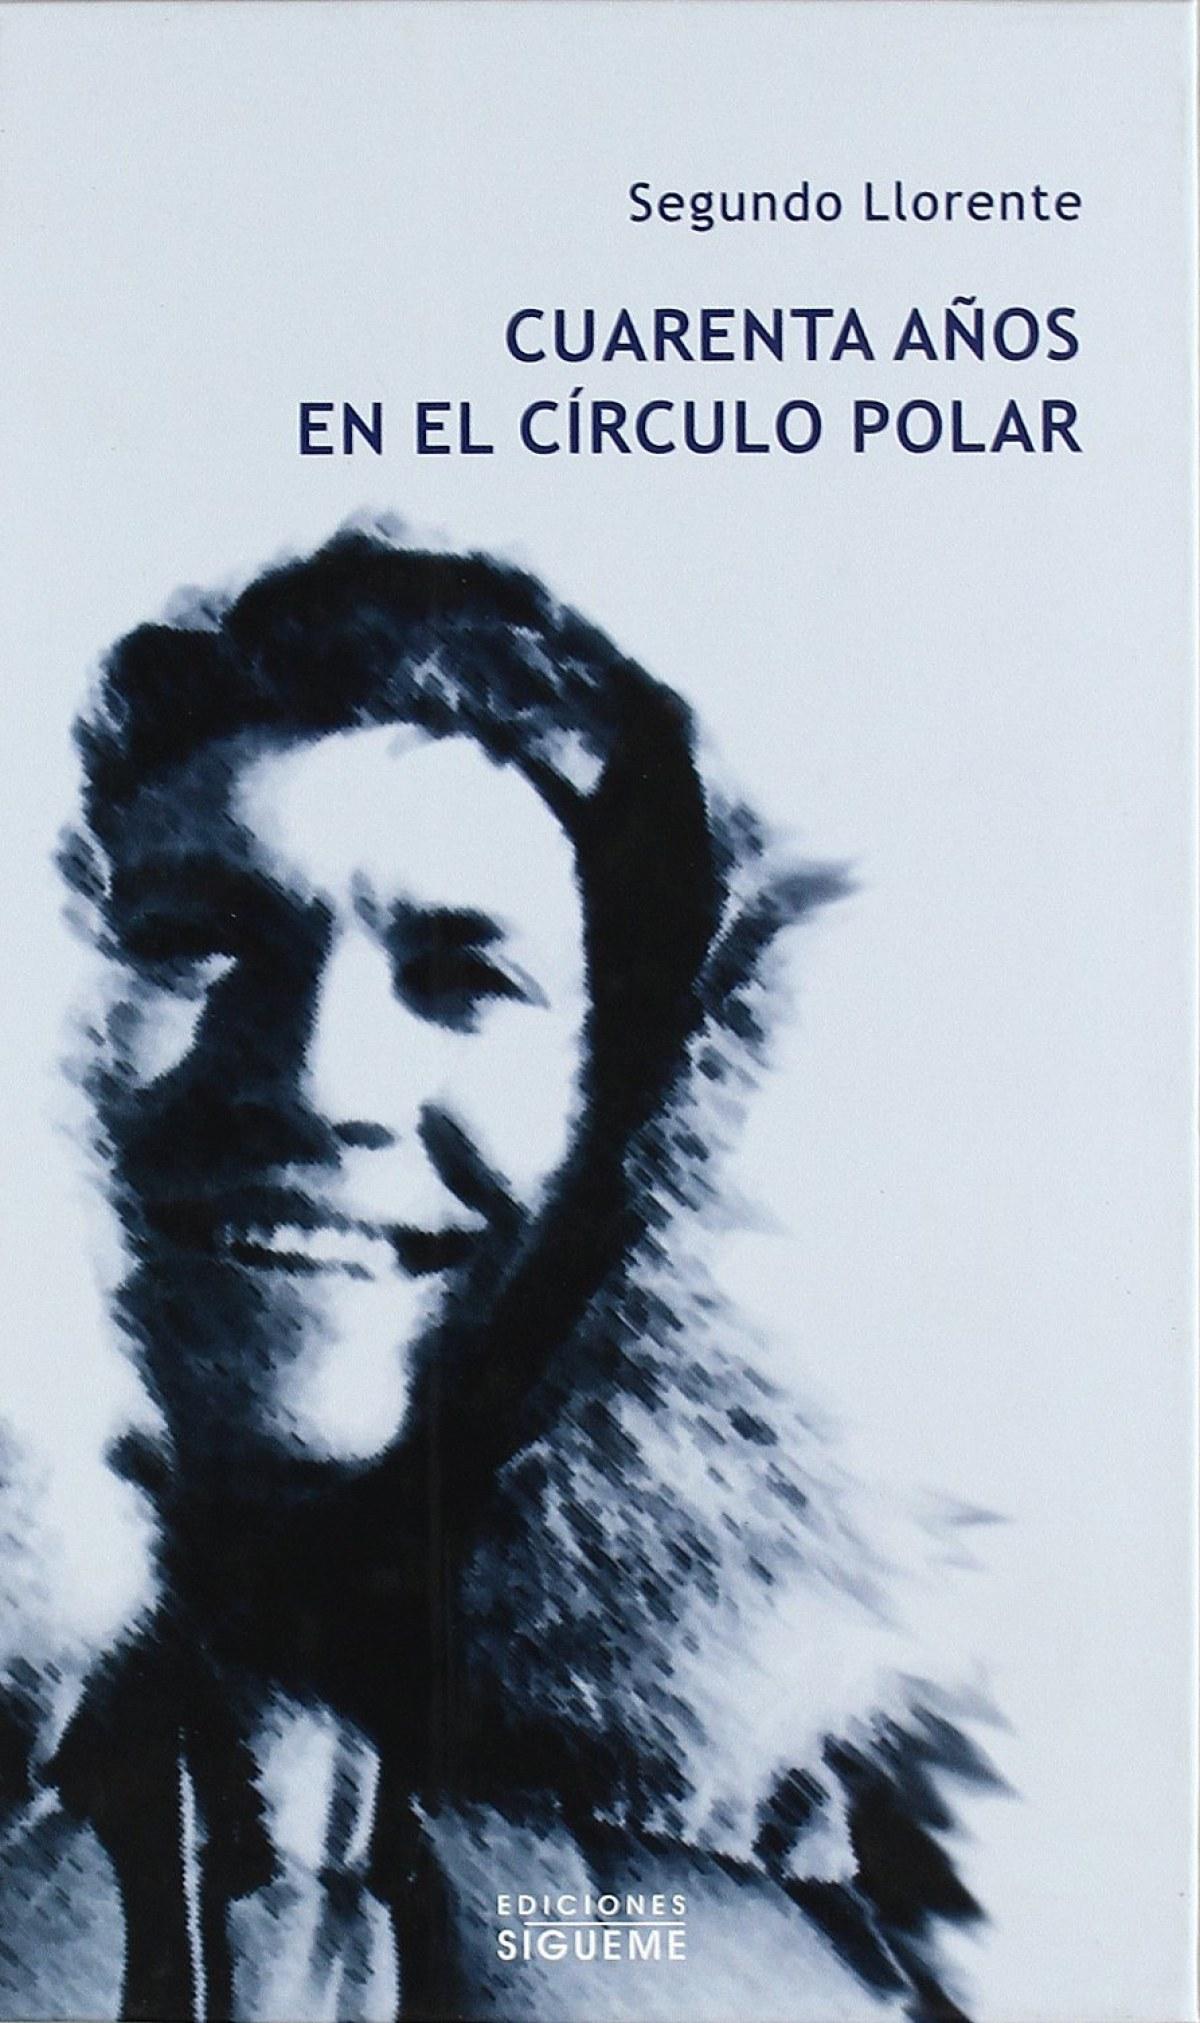 Cuarenta años en el círculo polar